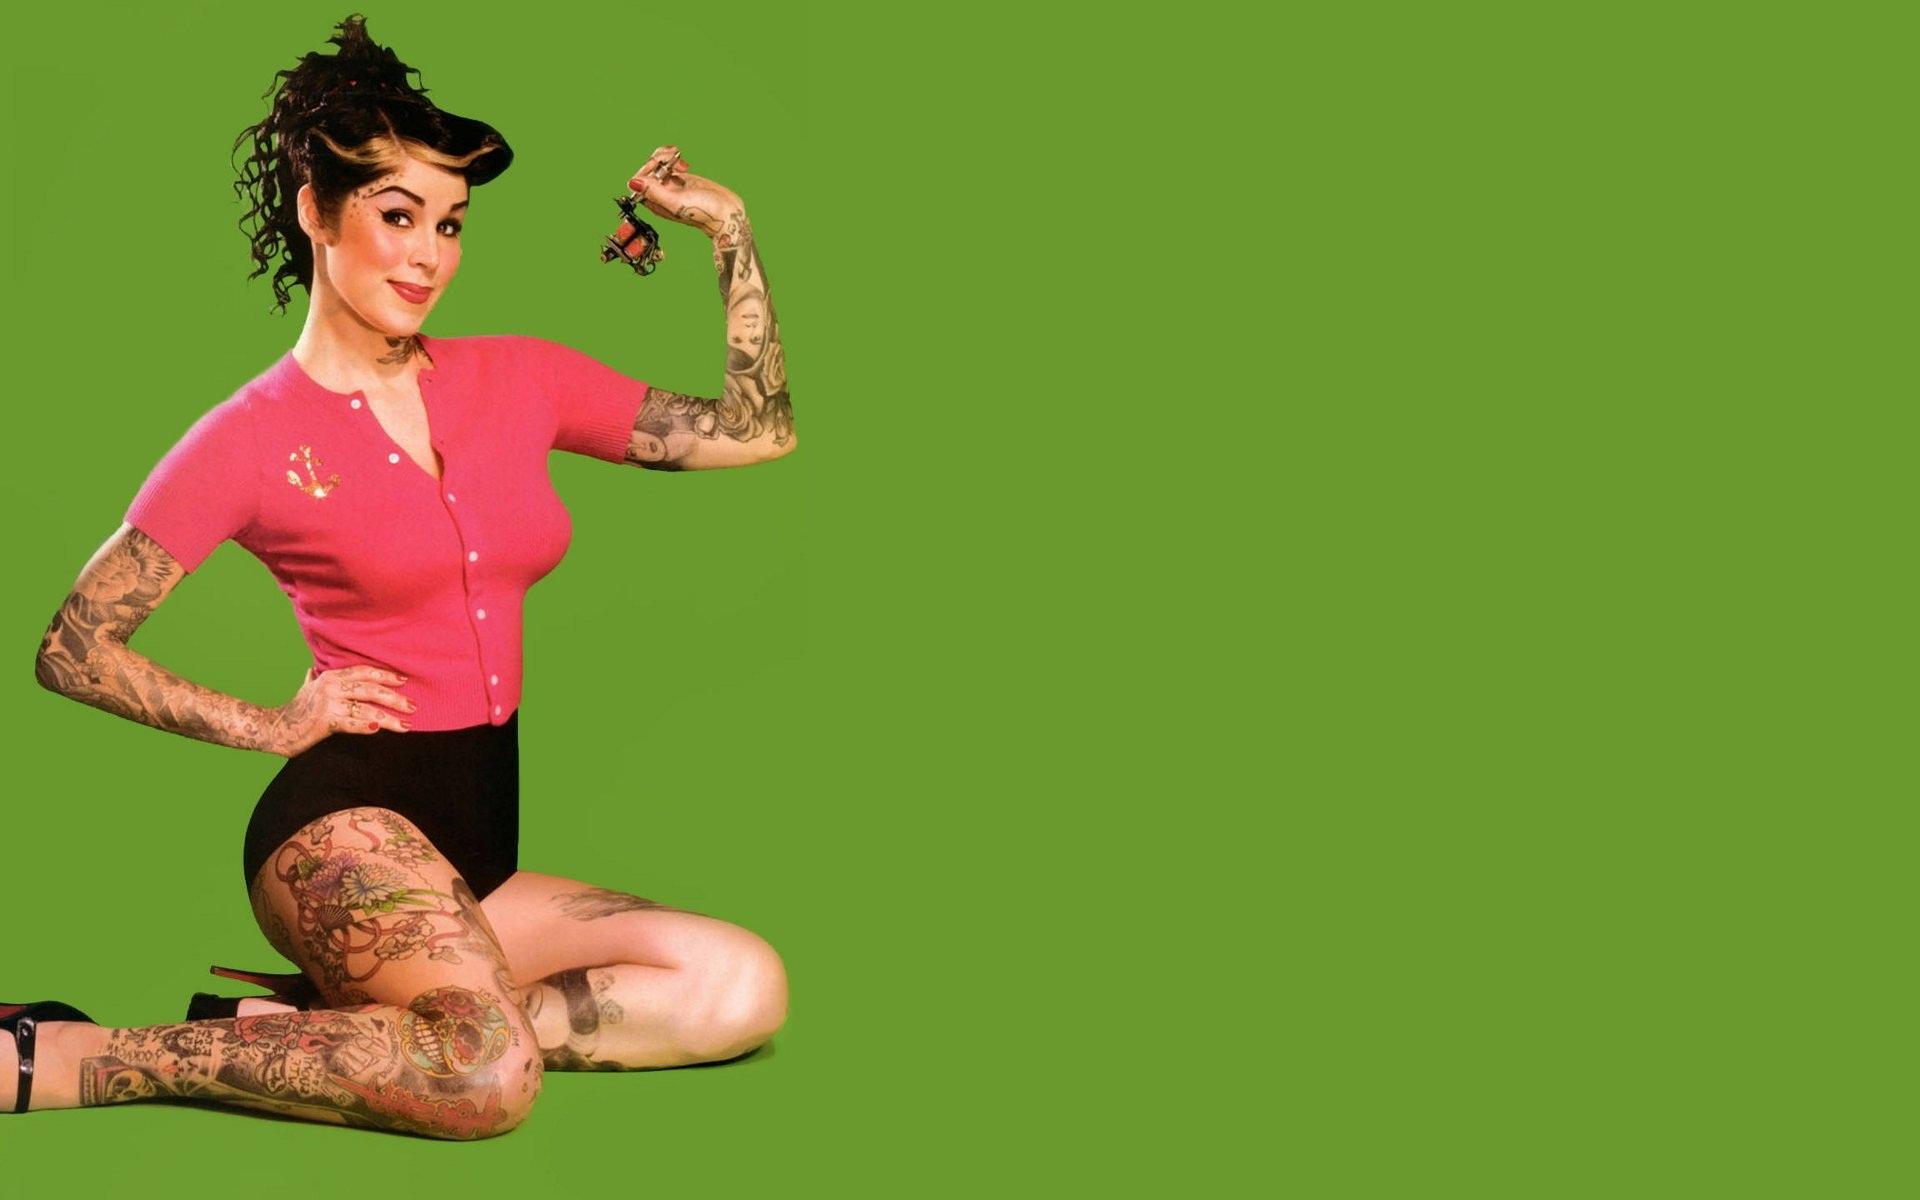 Tattoo Girl Von - Blog not found